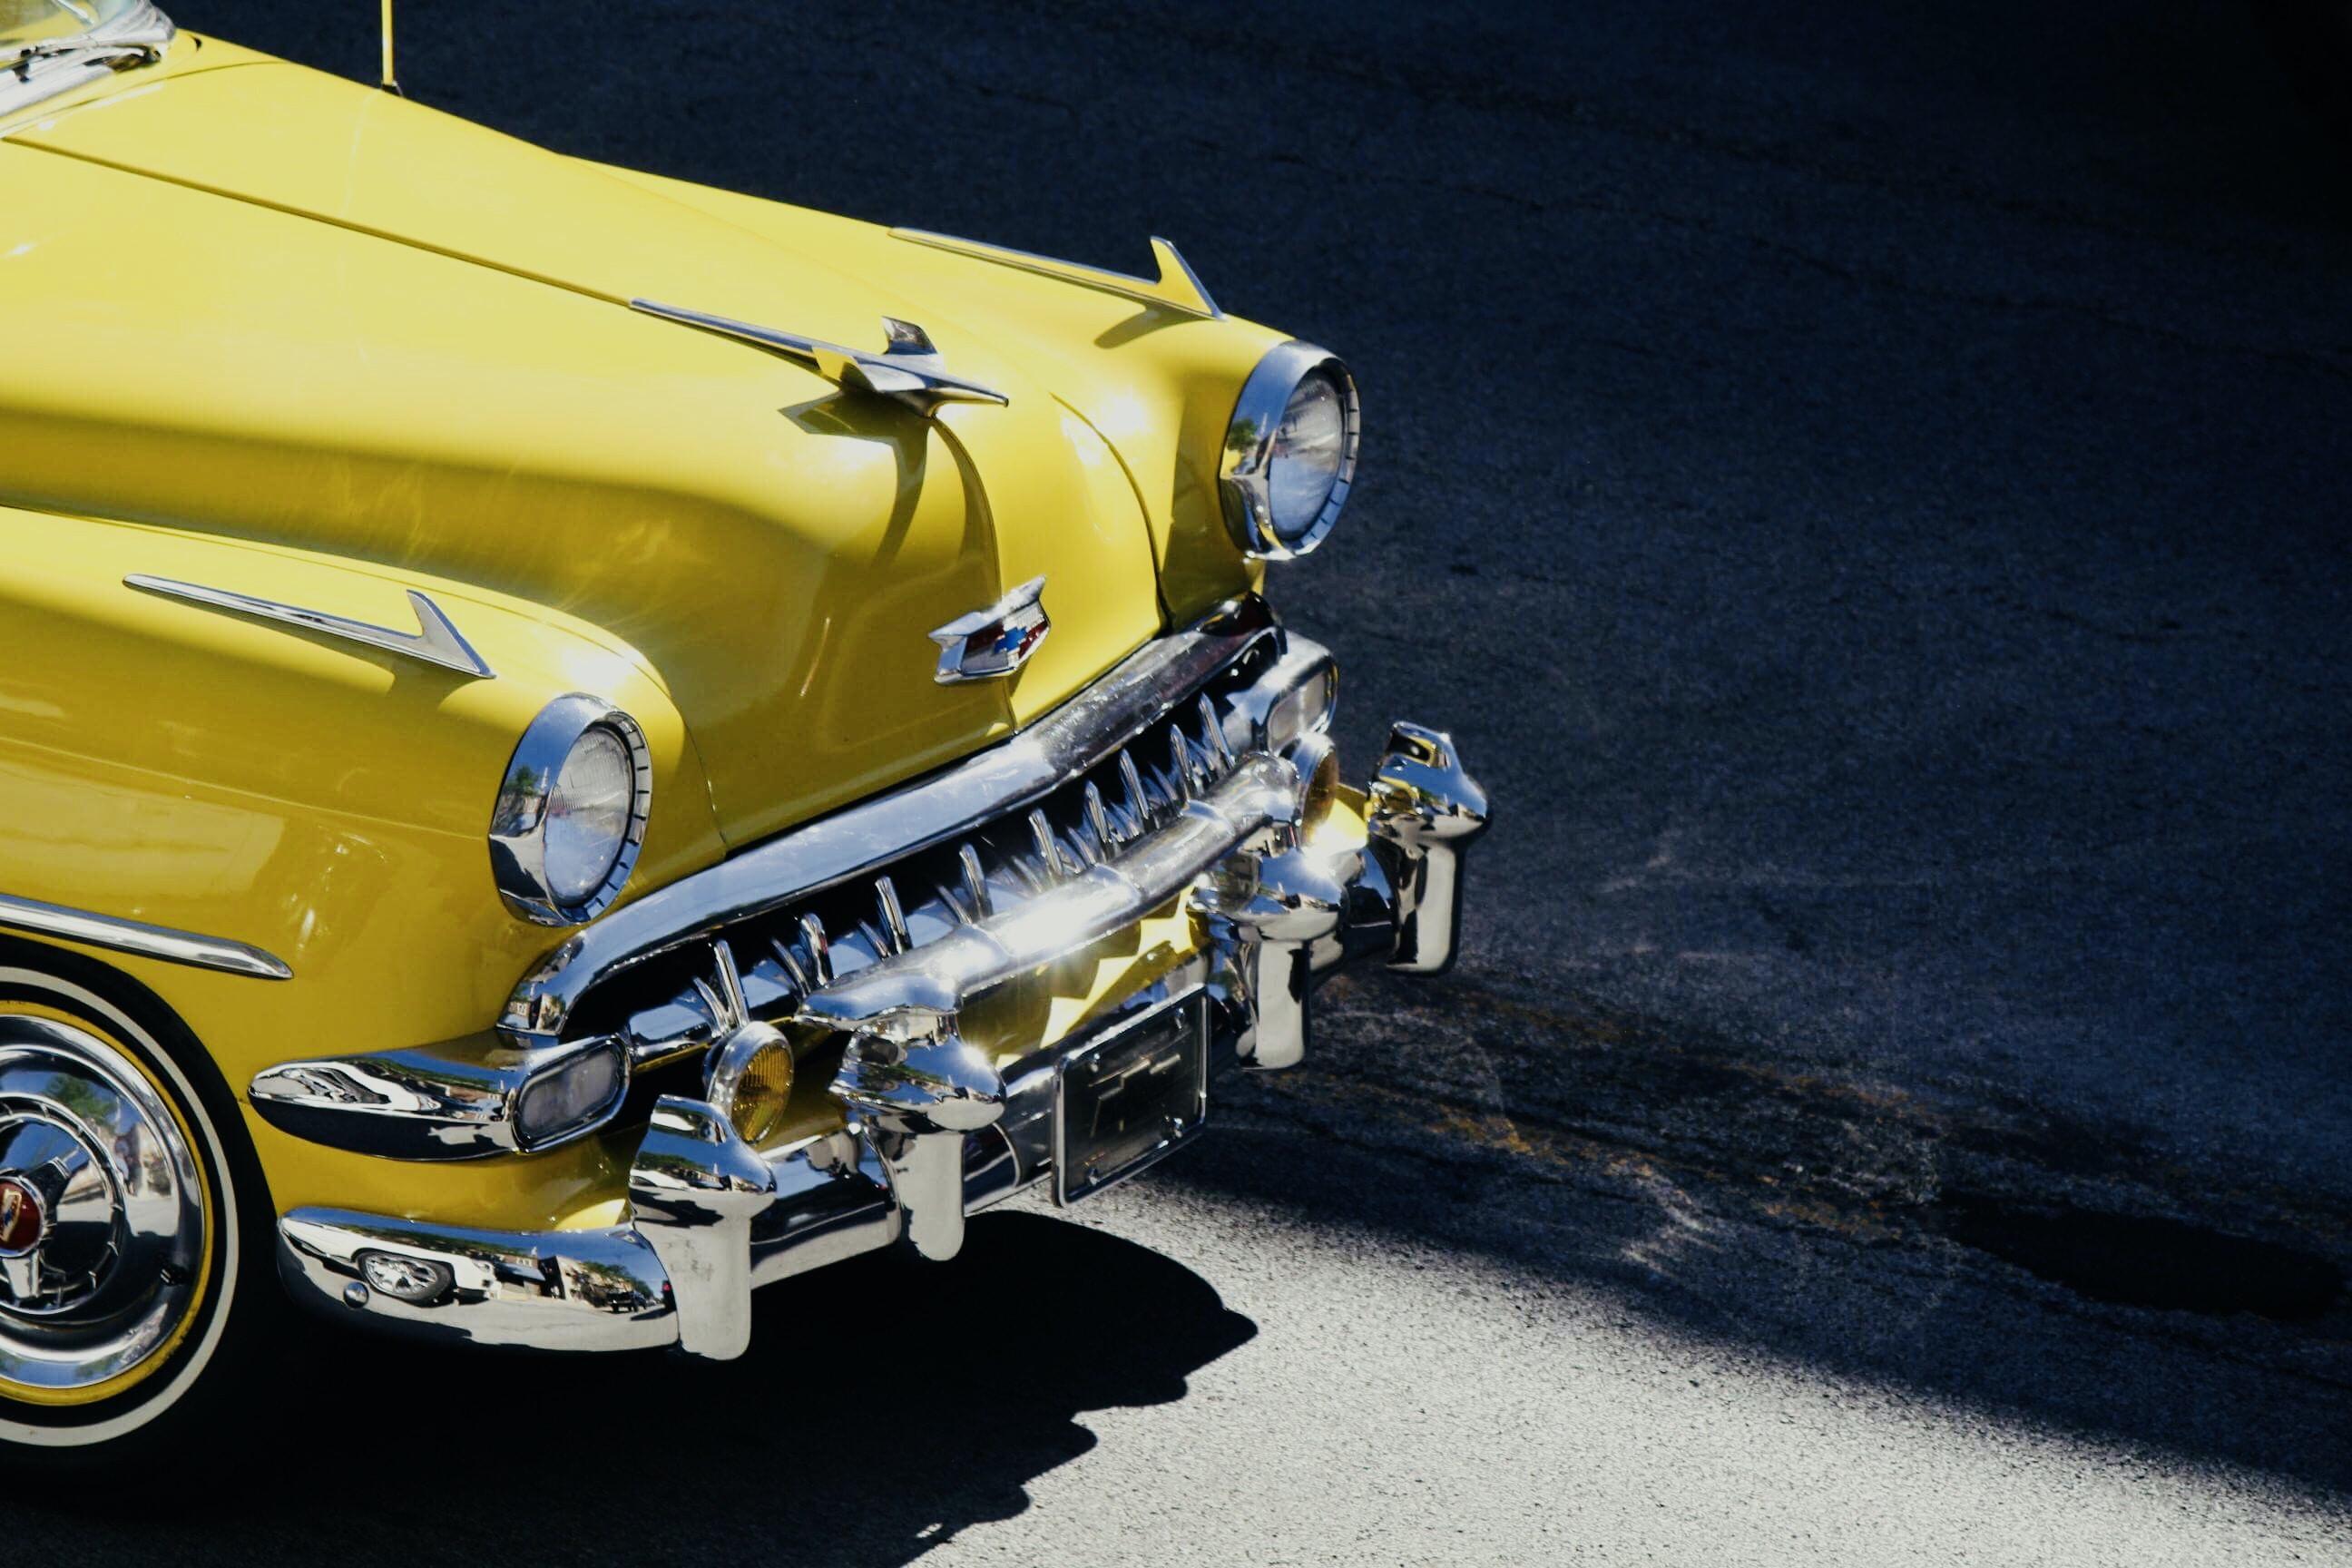 photo of yellow Cadillac car